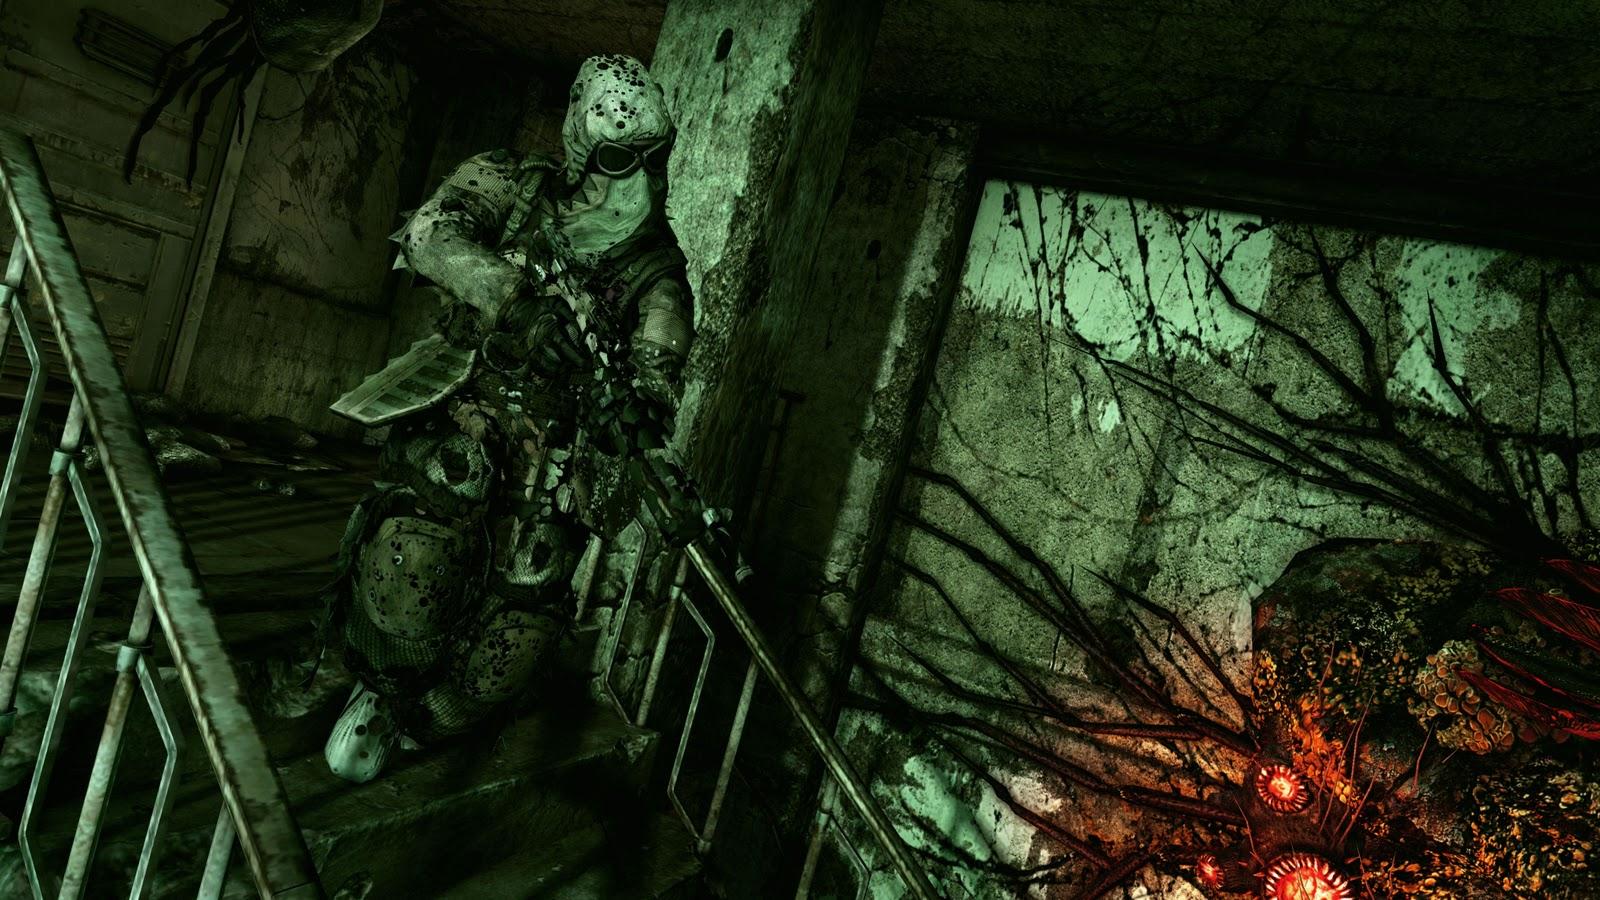 http://1.bp.blogspot.com/-ZSAKru1orJM/TraD5sPirOI/AAAAAAAAAQo/soD876F44ec/s1600/killzone-3-wallpaper-hd-3-766682.jpg